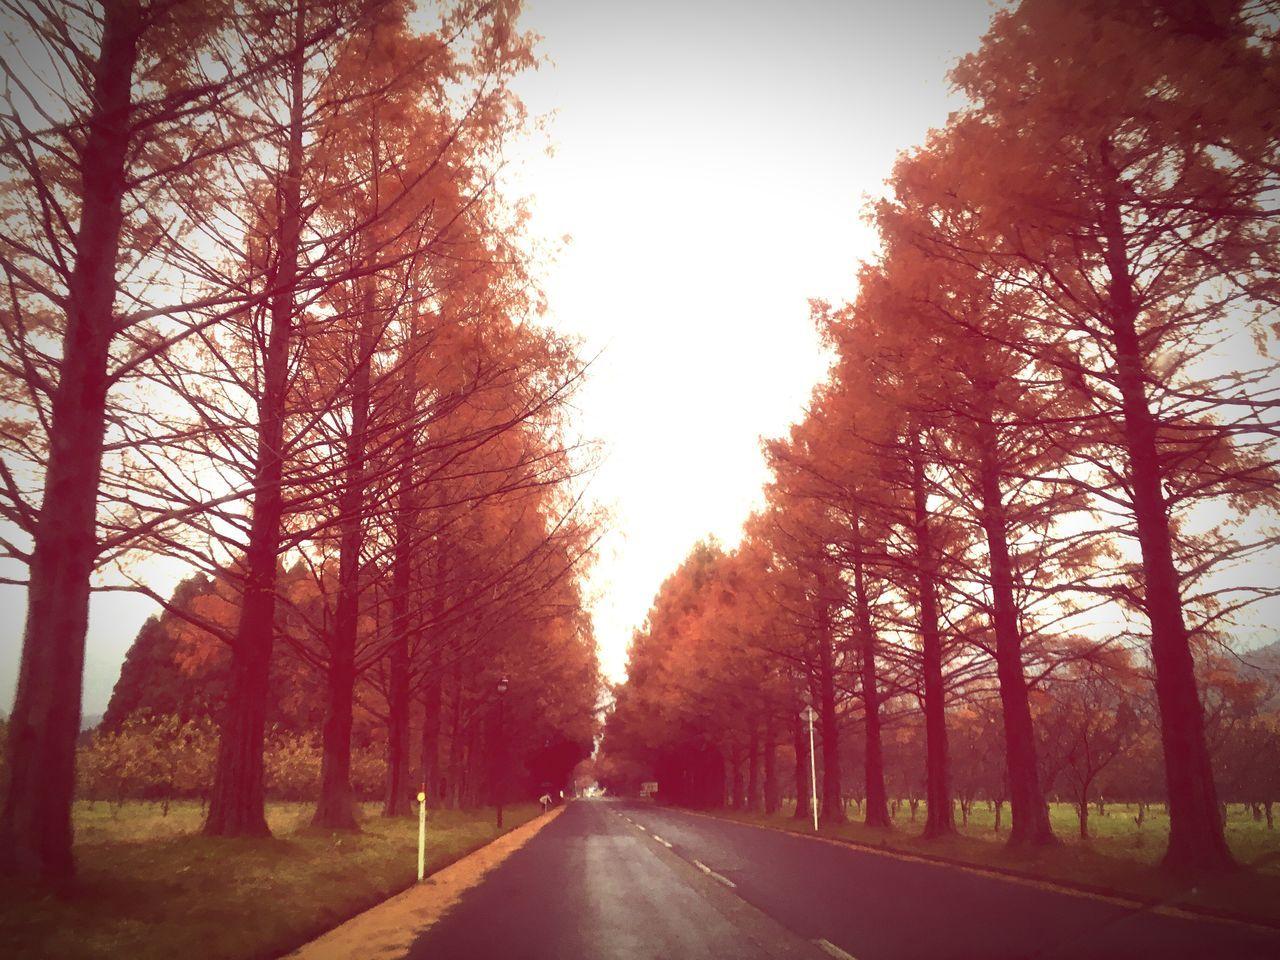 マキノのメタセコイア Tree Road Outdoors The Way Forward Nature Orange Color Transportation Sunlight Beauty In Nature Scenics No People Metasequoia